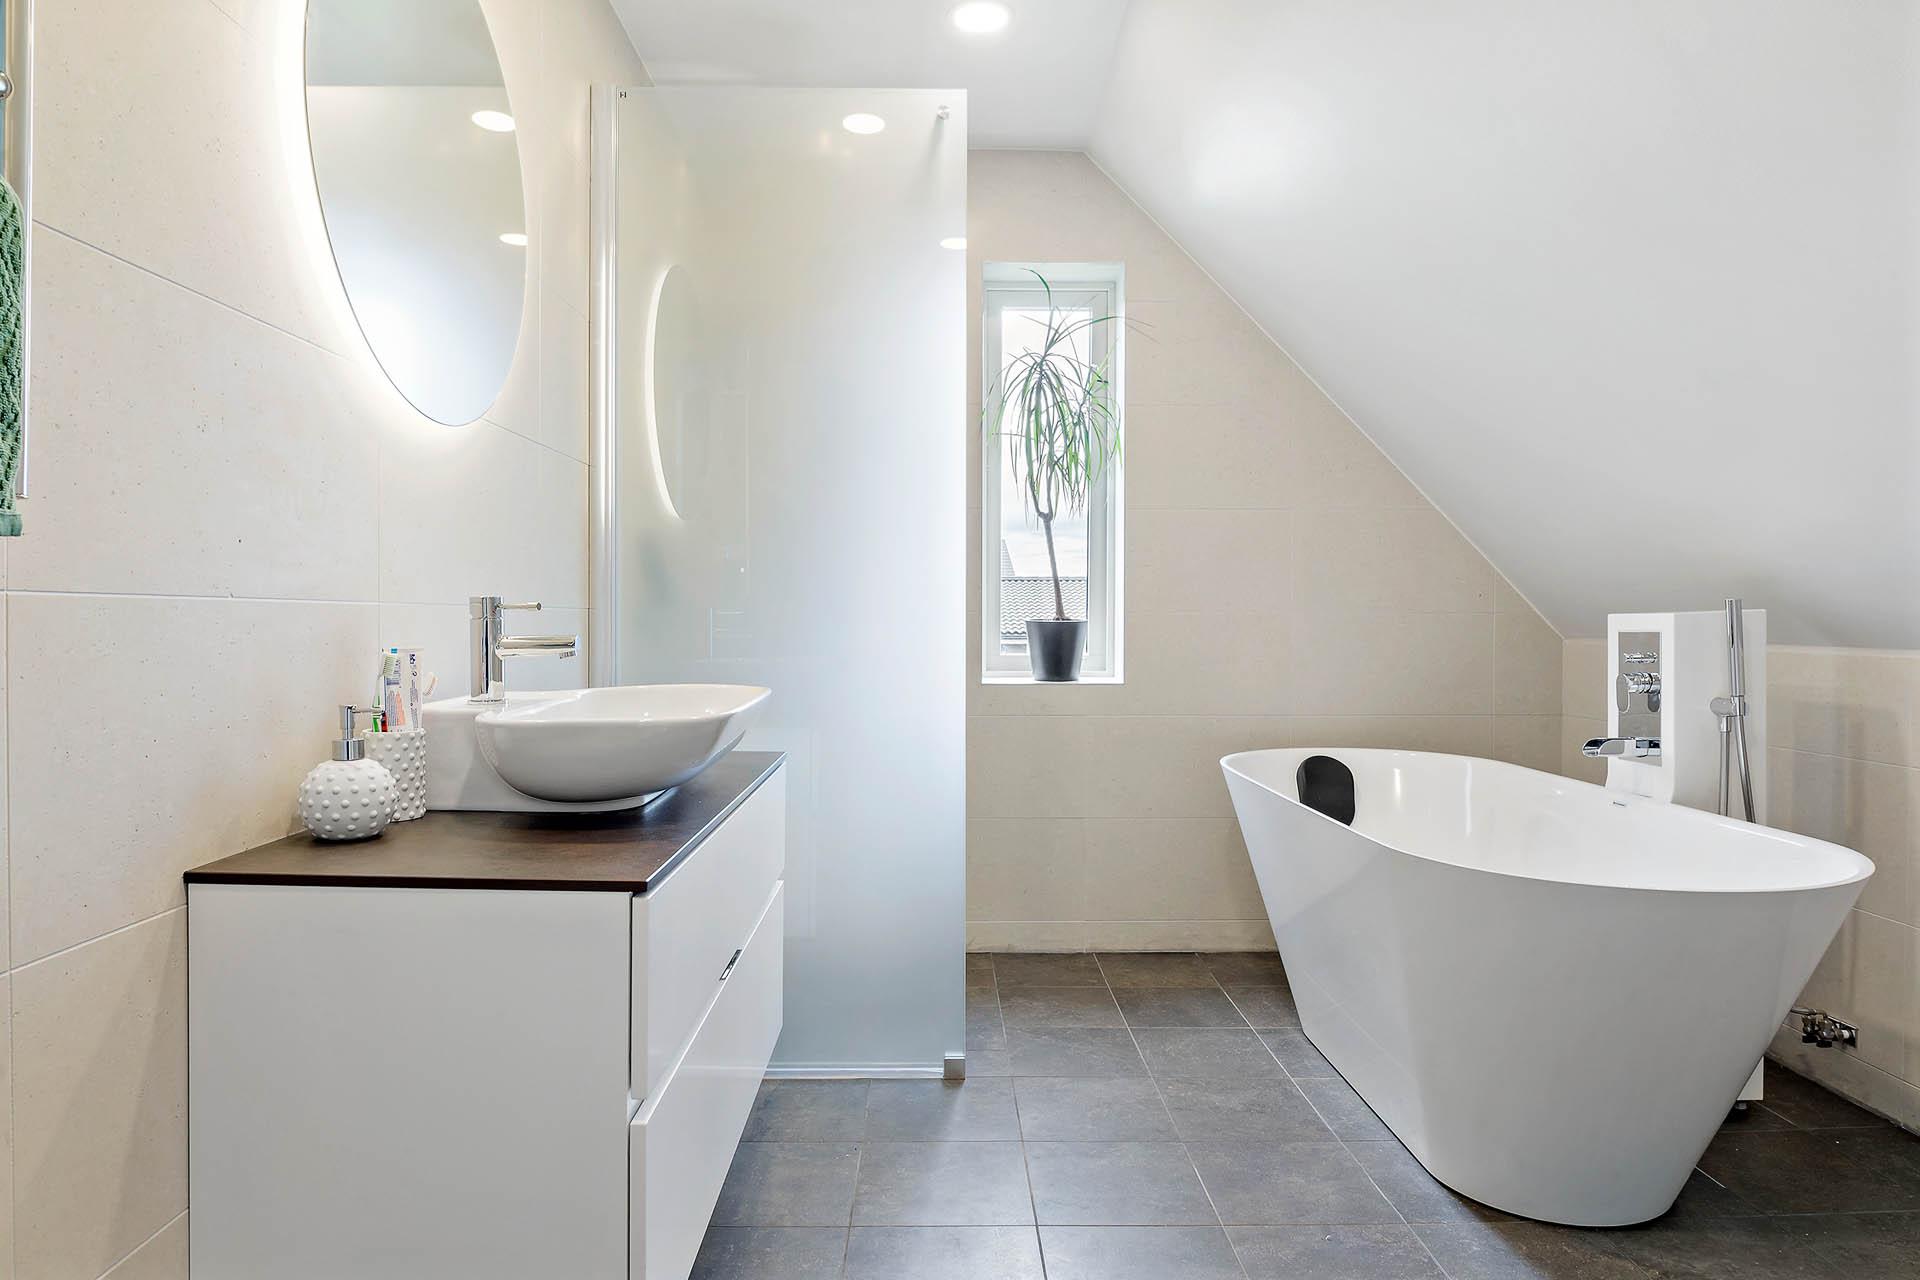 Duschrum med badkar